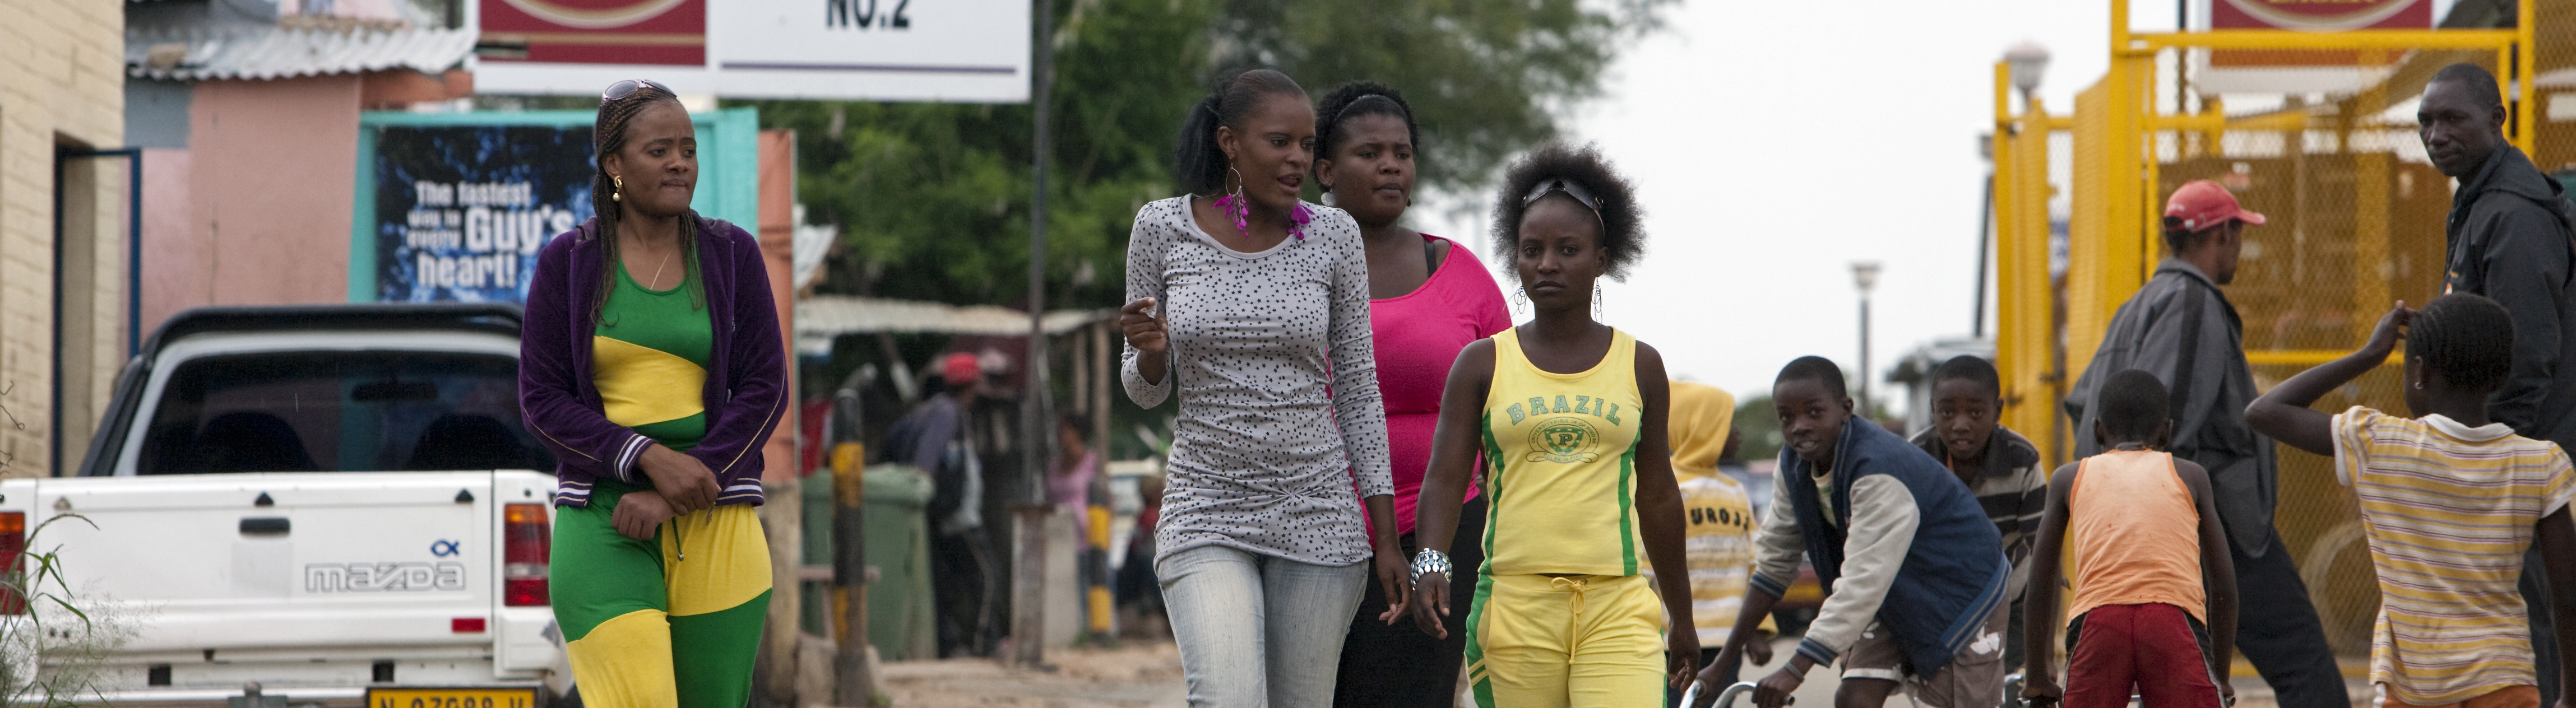 Strassenszene im Stadteil Katutura, dem groessten Township Windhoeks, aufgenommen am 04.02.2013.